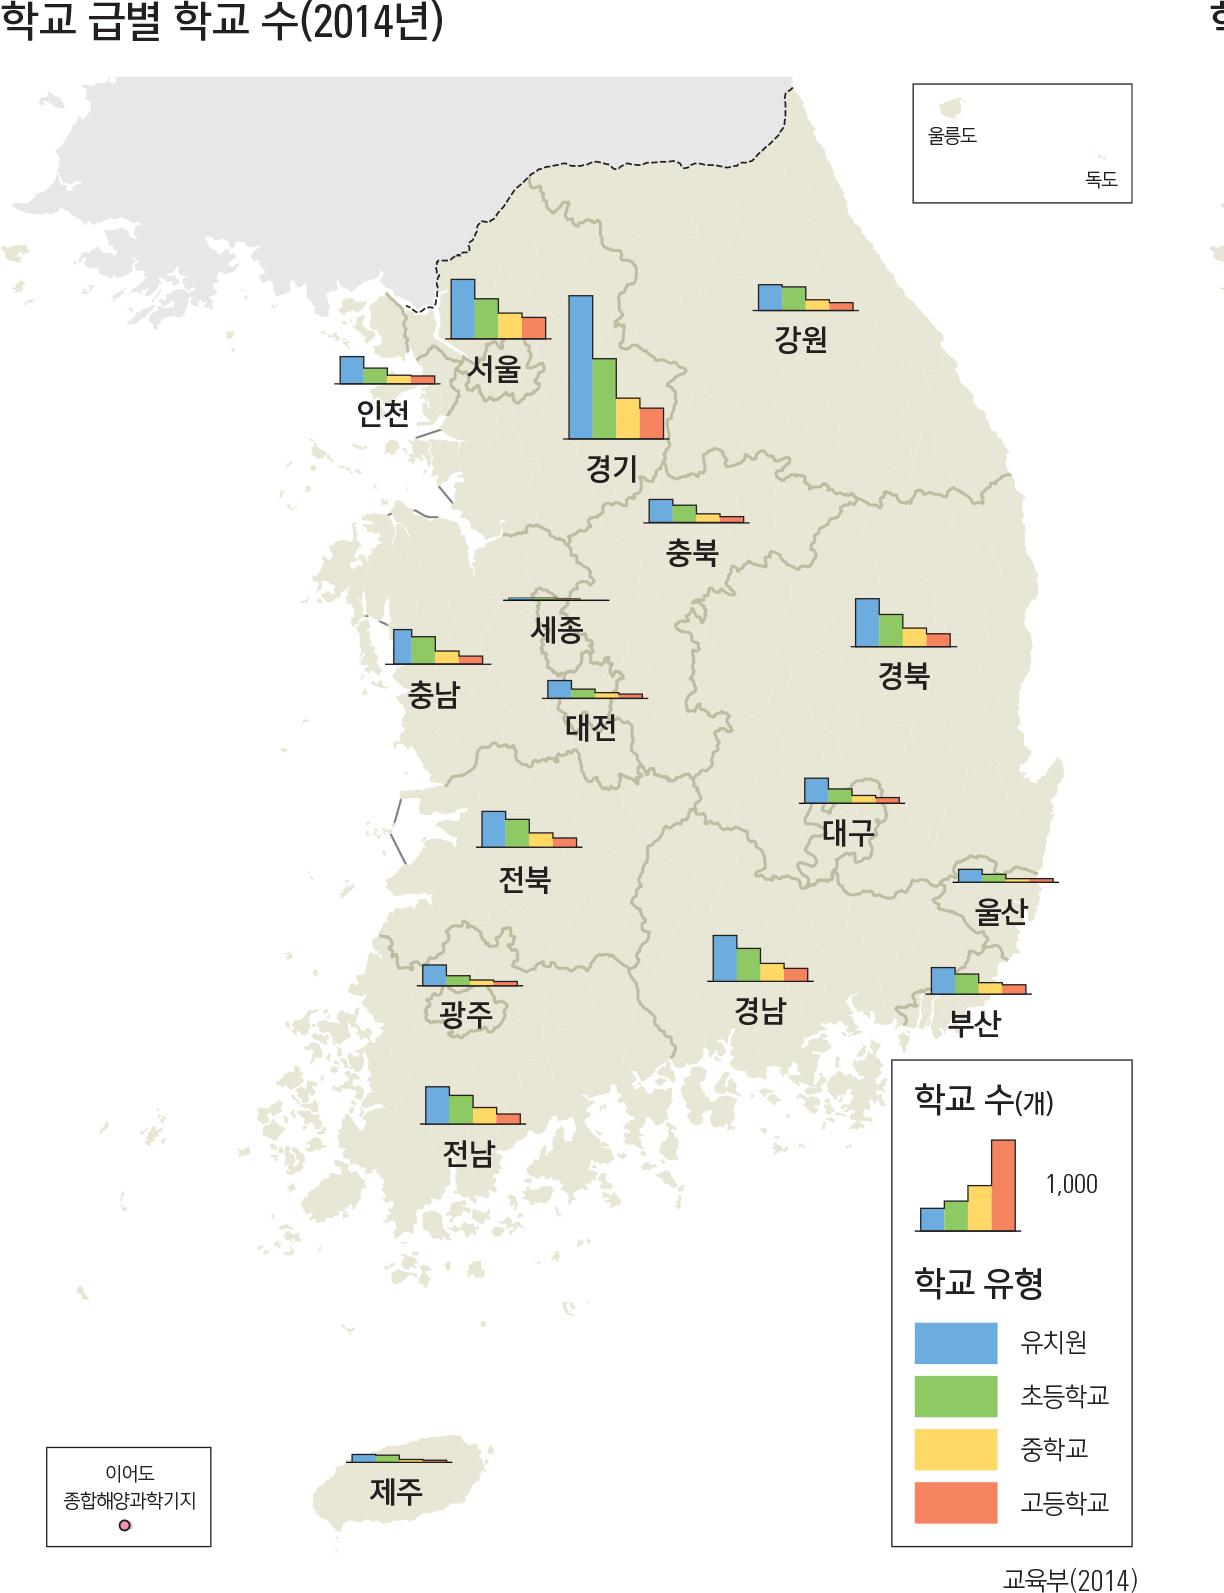 학교 급별 학교 수(2014년)